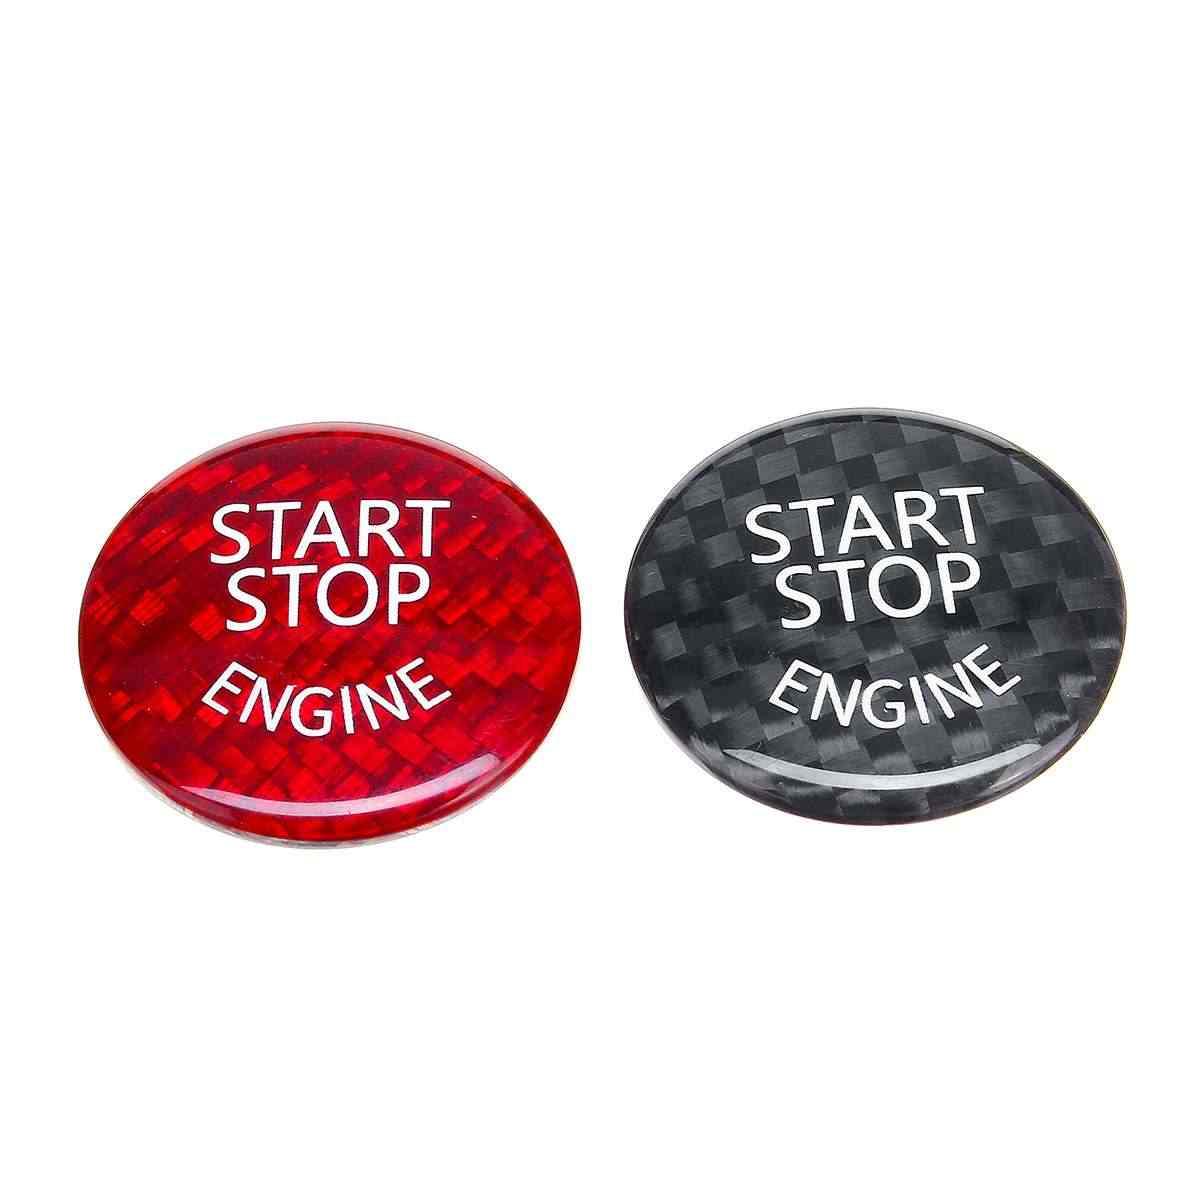 Hot Dijual Carbon Cover Stricker Mobil Start Stop Engine Tombol Switch untuk BMW F/G Classis F01 F02 f10 F20 F30 F48 G30 G37 G38